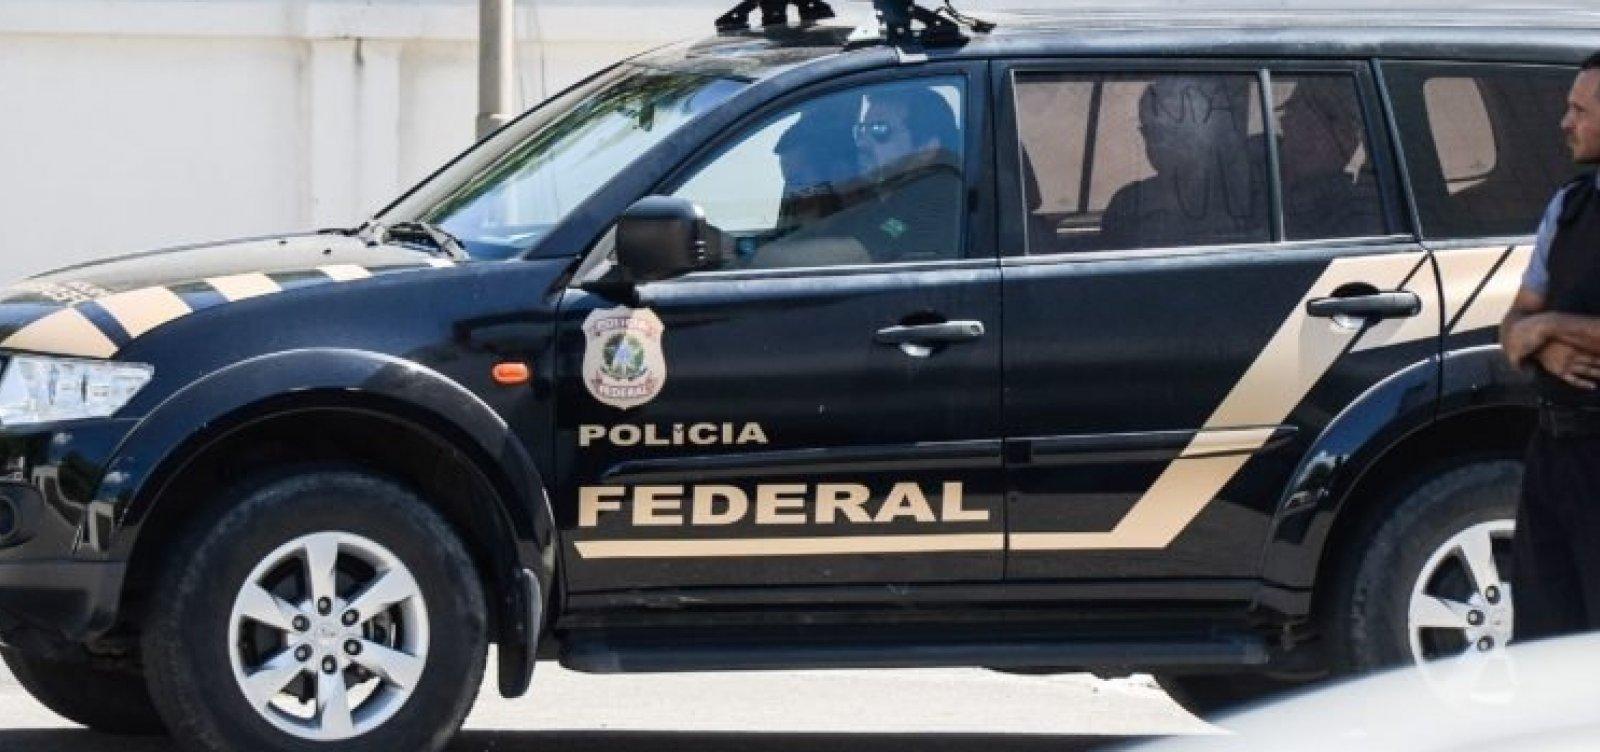 [Policiais Federais rejeitam divisão do Ministério da Justiça e Segurança]